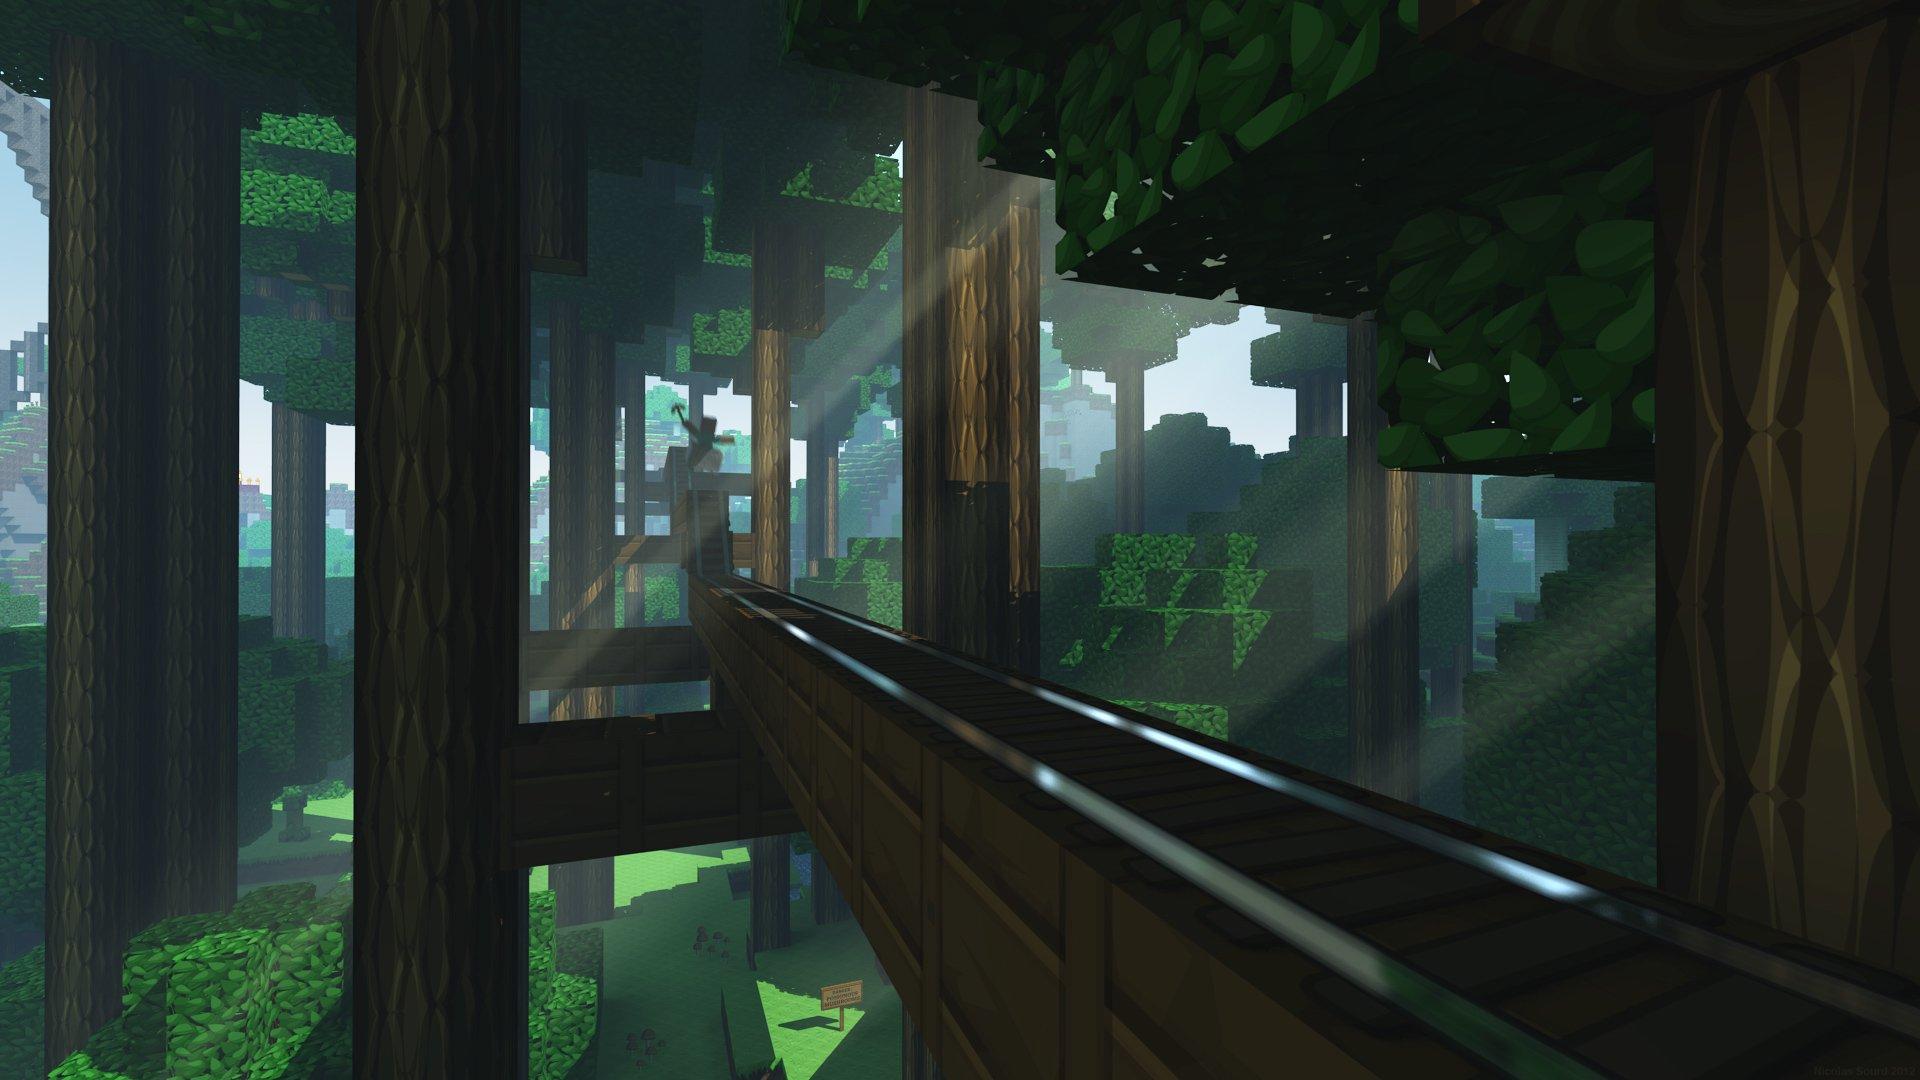 Wonderful Wallpaper Minecraft Forest - thumb-1920-377757  2018_139337.jpg